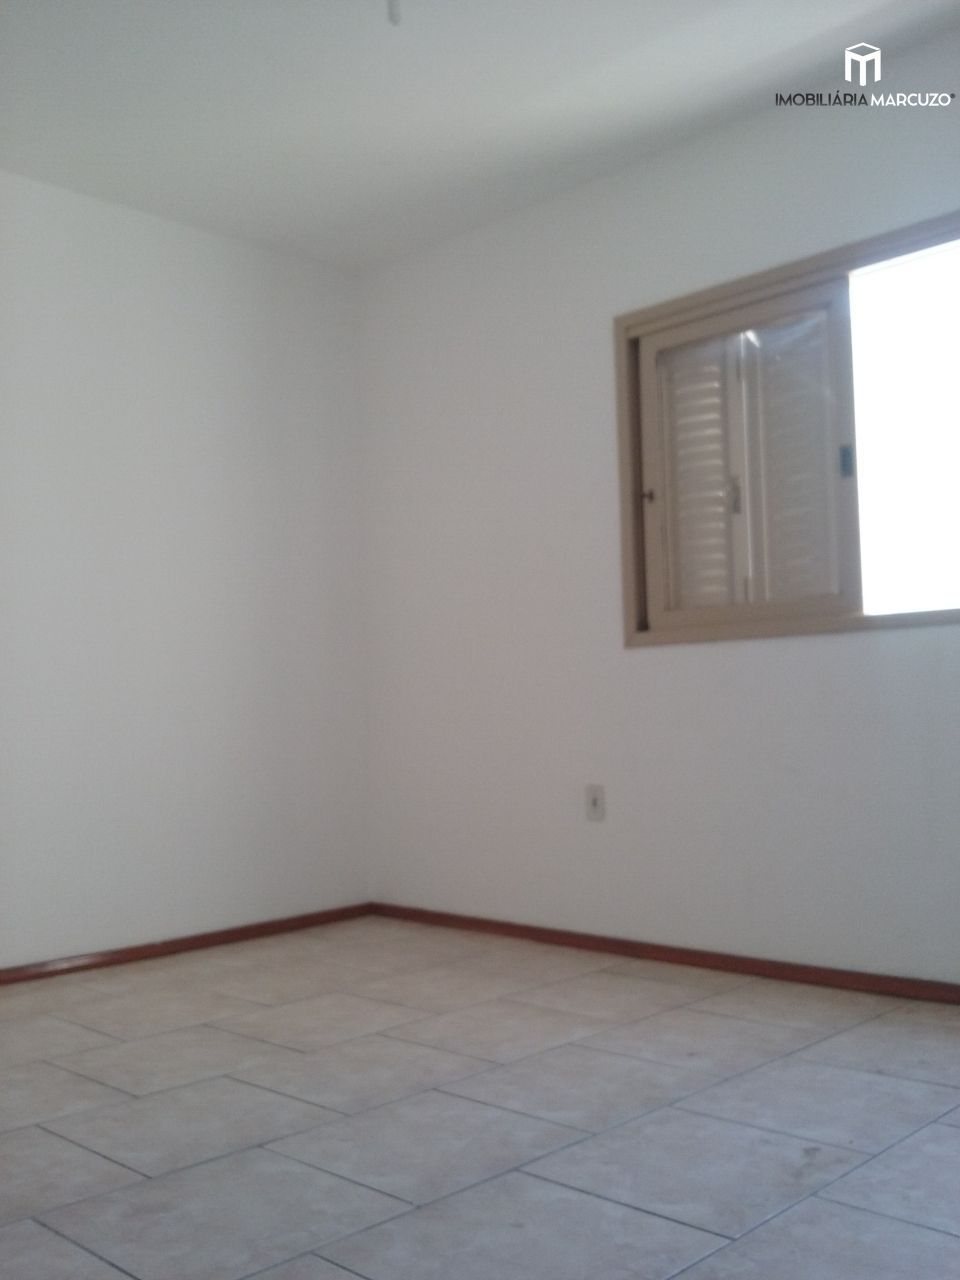 Apartamento com 3 Dormitórios à venda, 115 m² por R$ 295.000,00